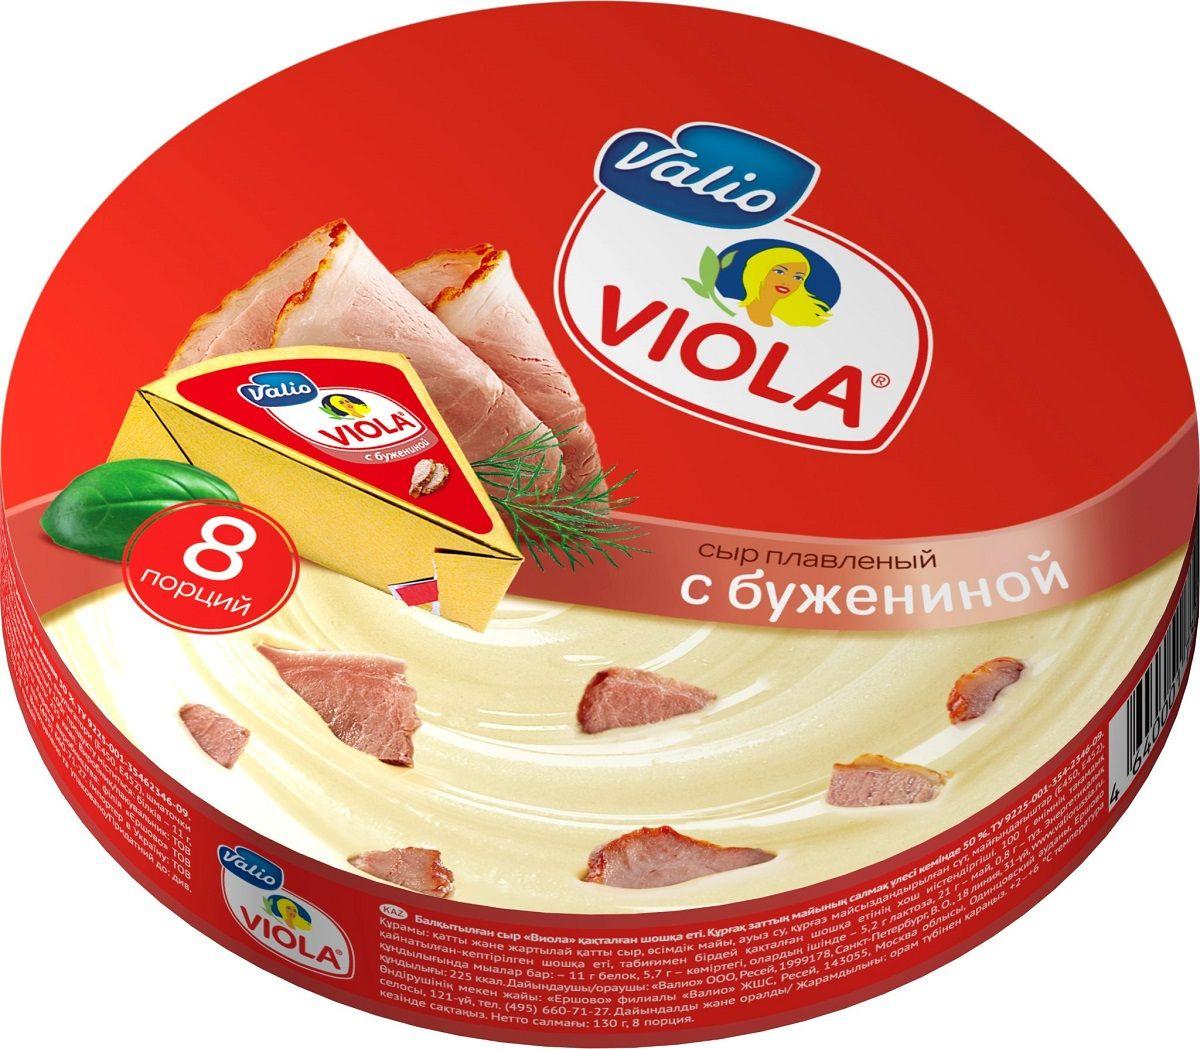 Valio Viola Сыр с бужениной, плавленый, 130 г valio малина злаки